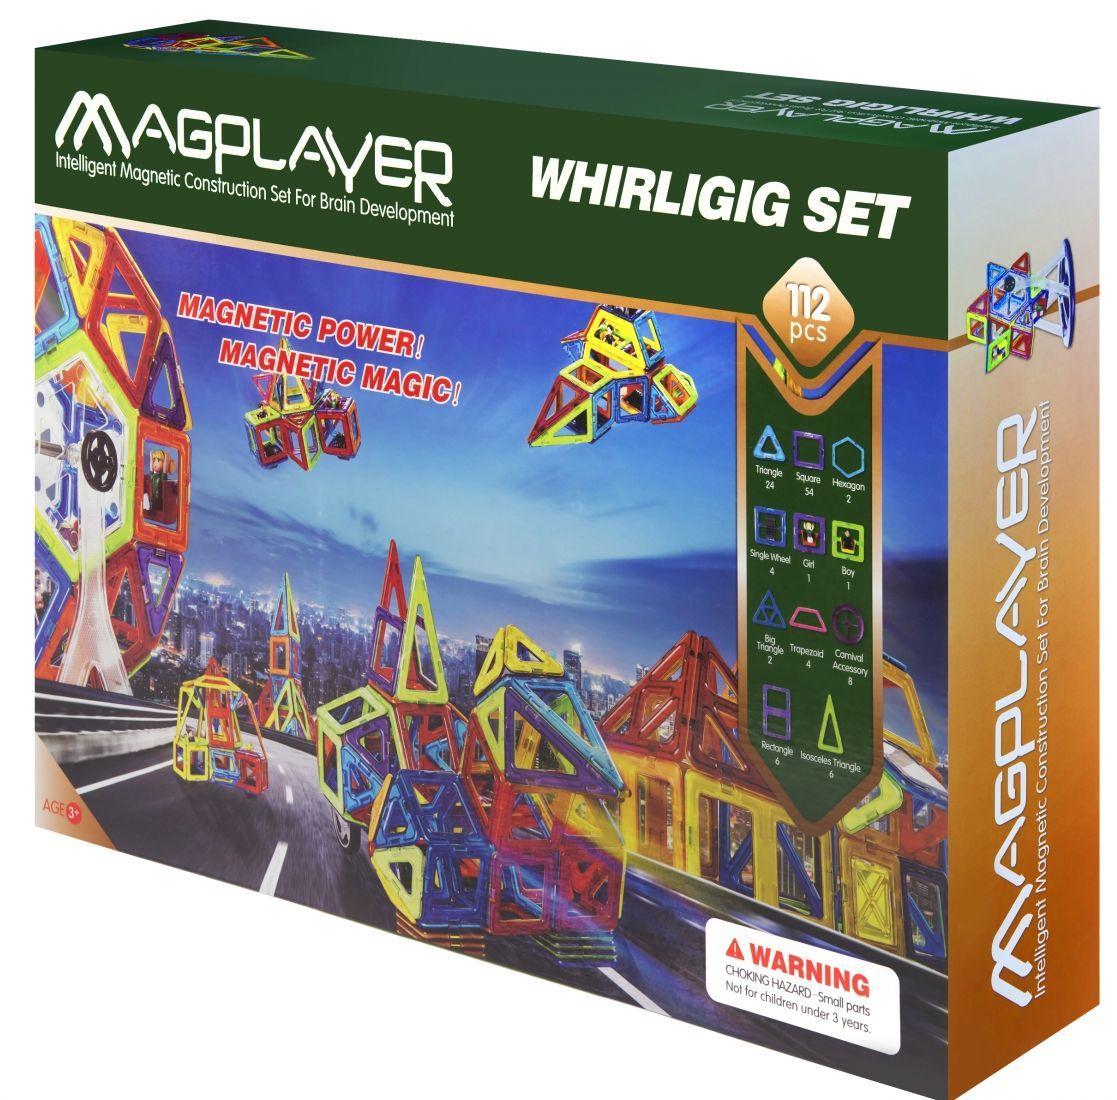 Магнитный детский конструктор MagPlayer MPB-112